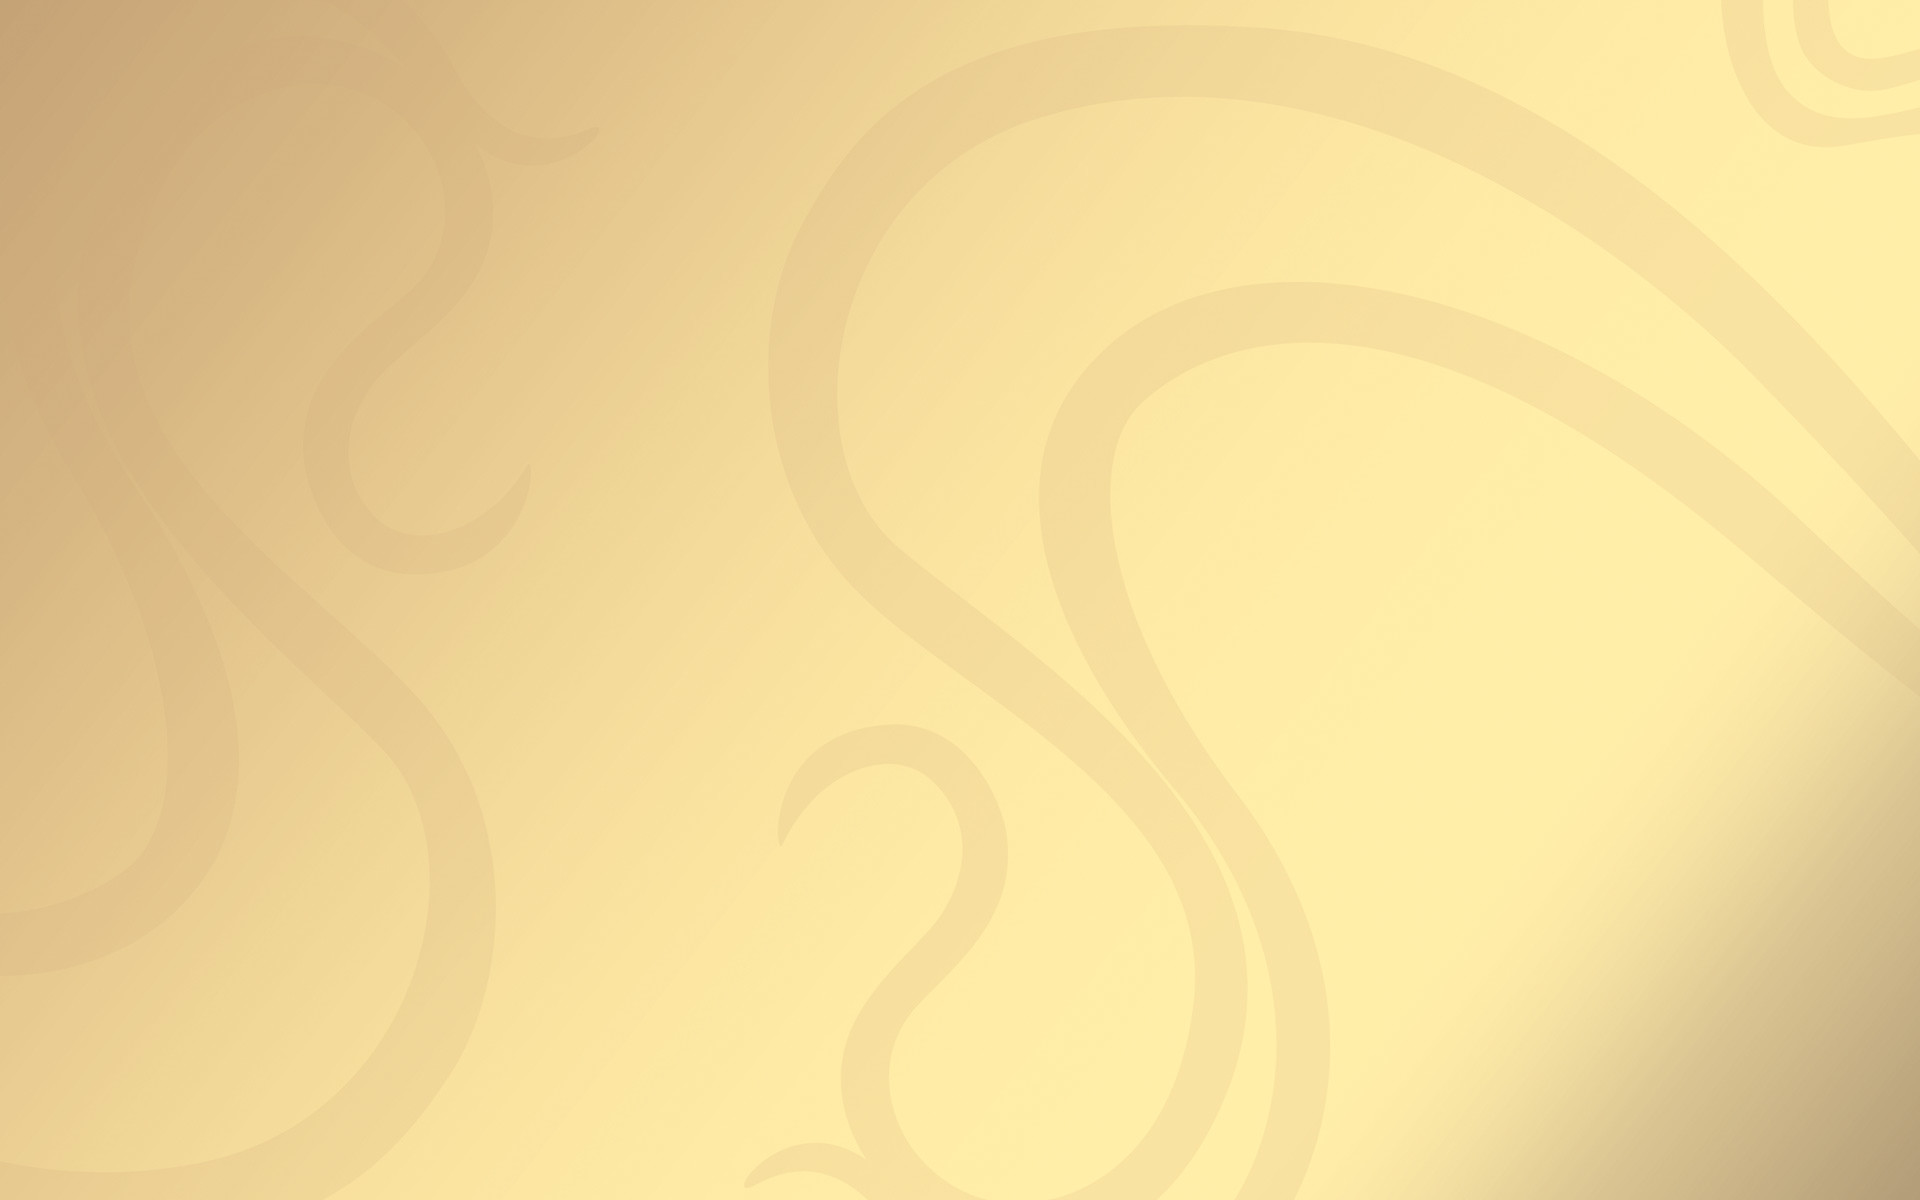 Iphone X Glitter Wallpaper Die 80 Besten Goldene Hintergrundbilder